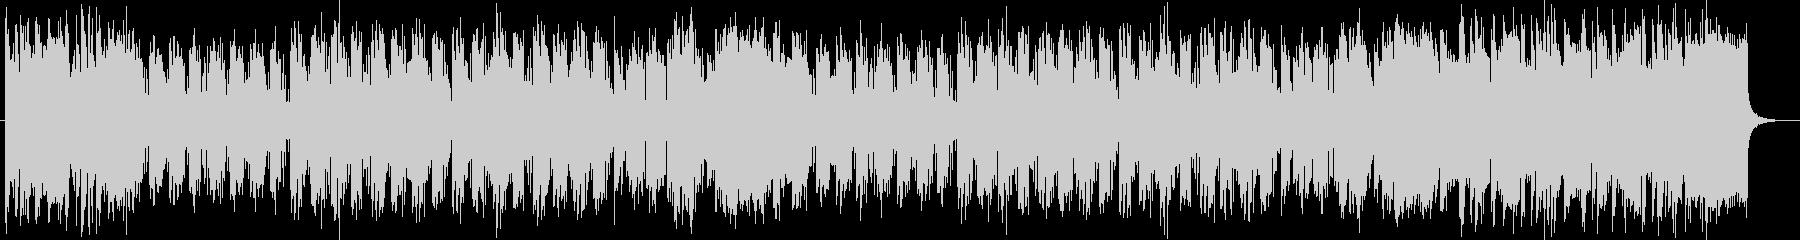 明るく勢いのあるシンセサイザーサウンドの未再生の波形